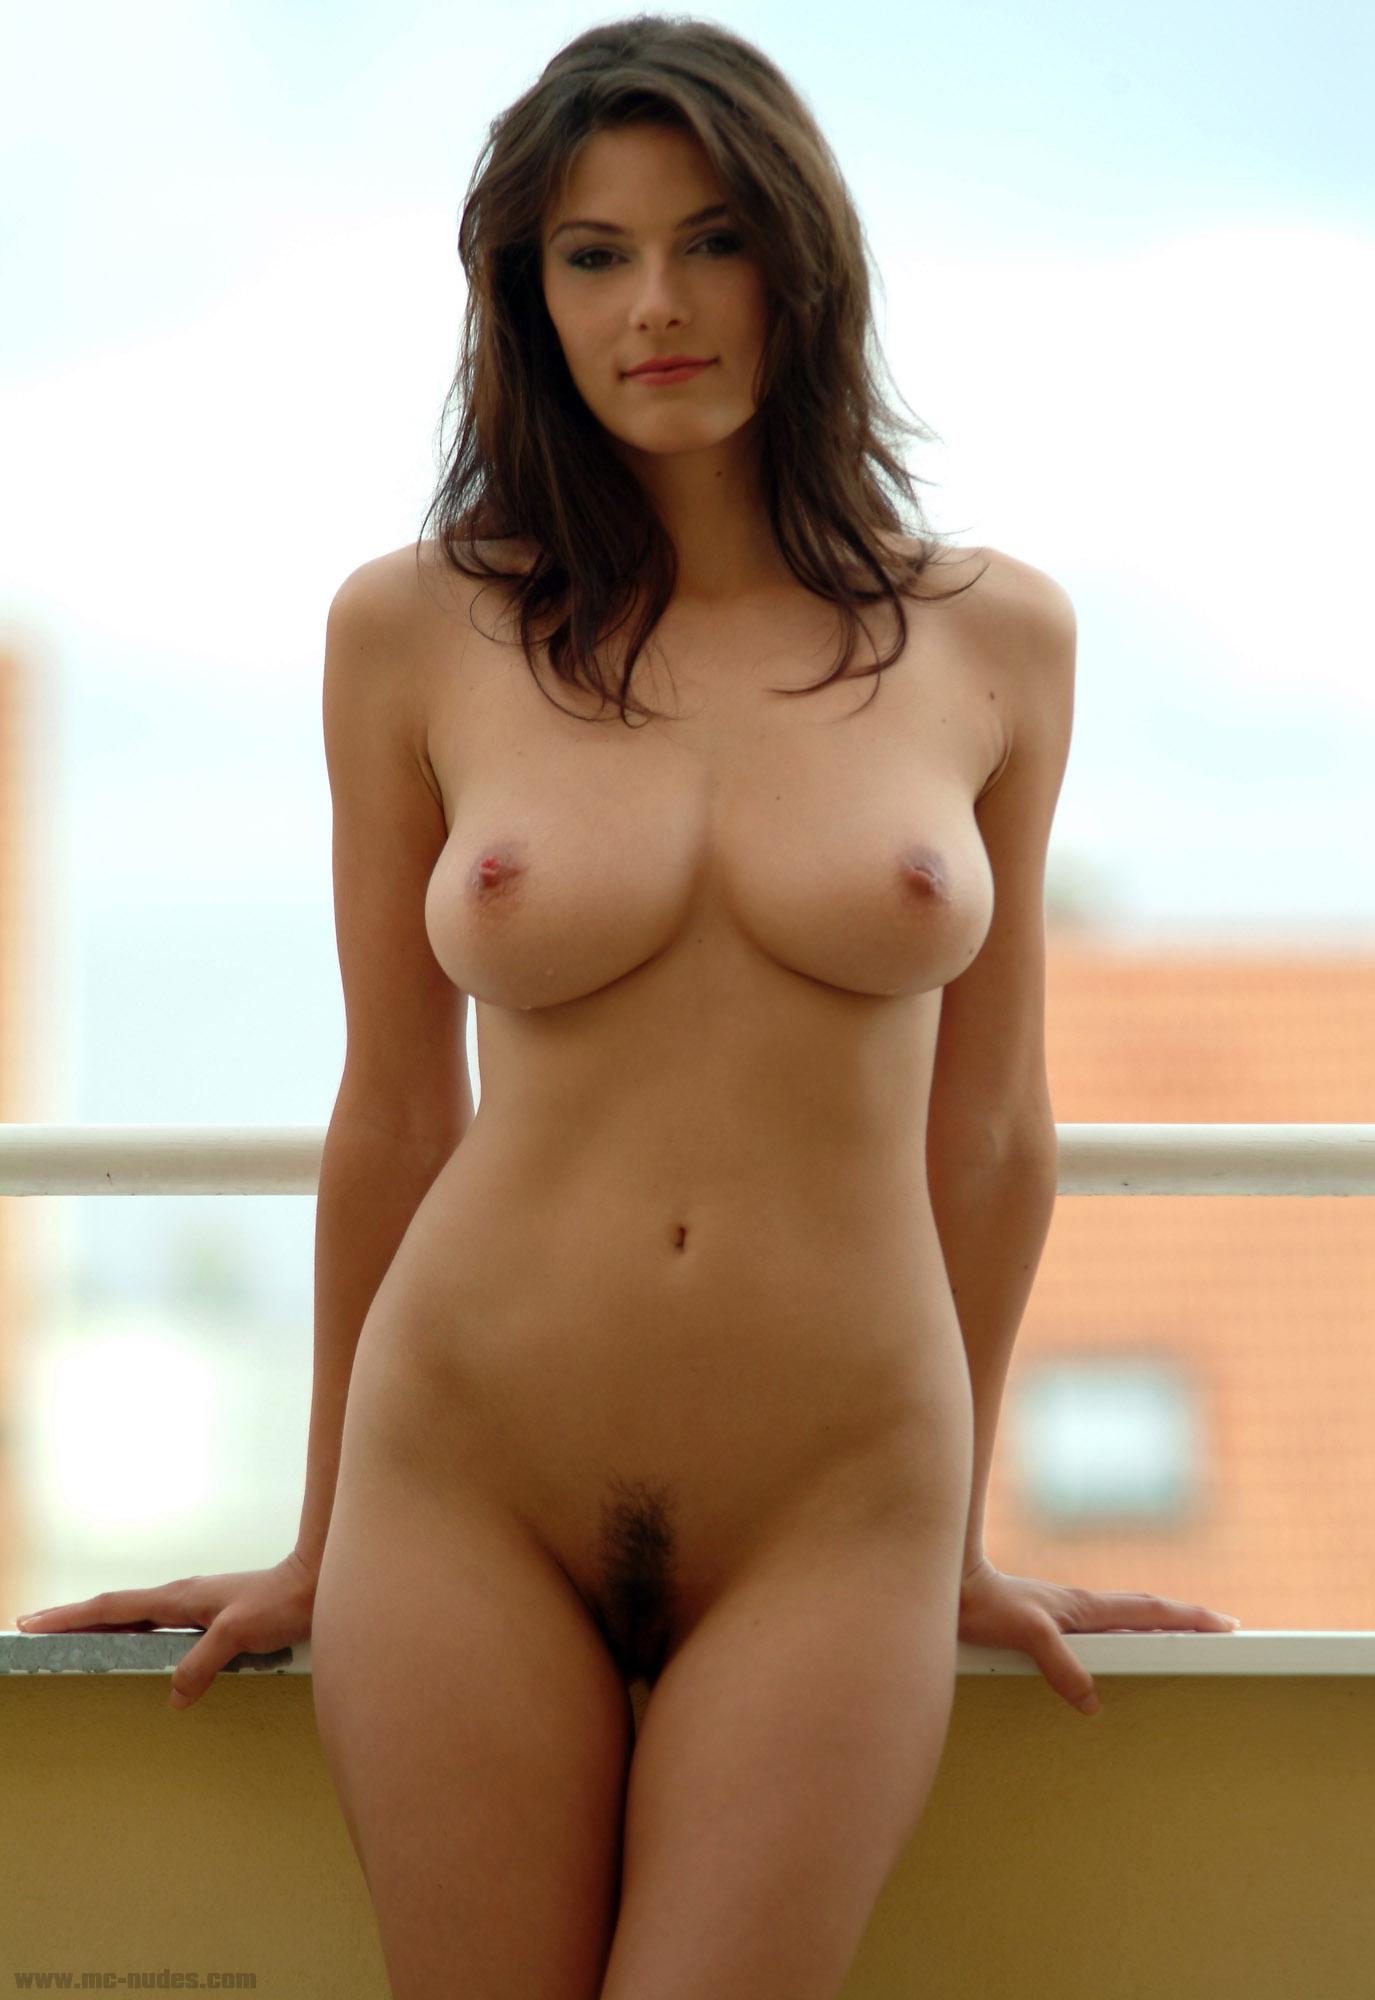 Фото голых красивых девушек полностью 11 фотография